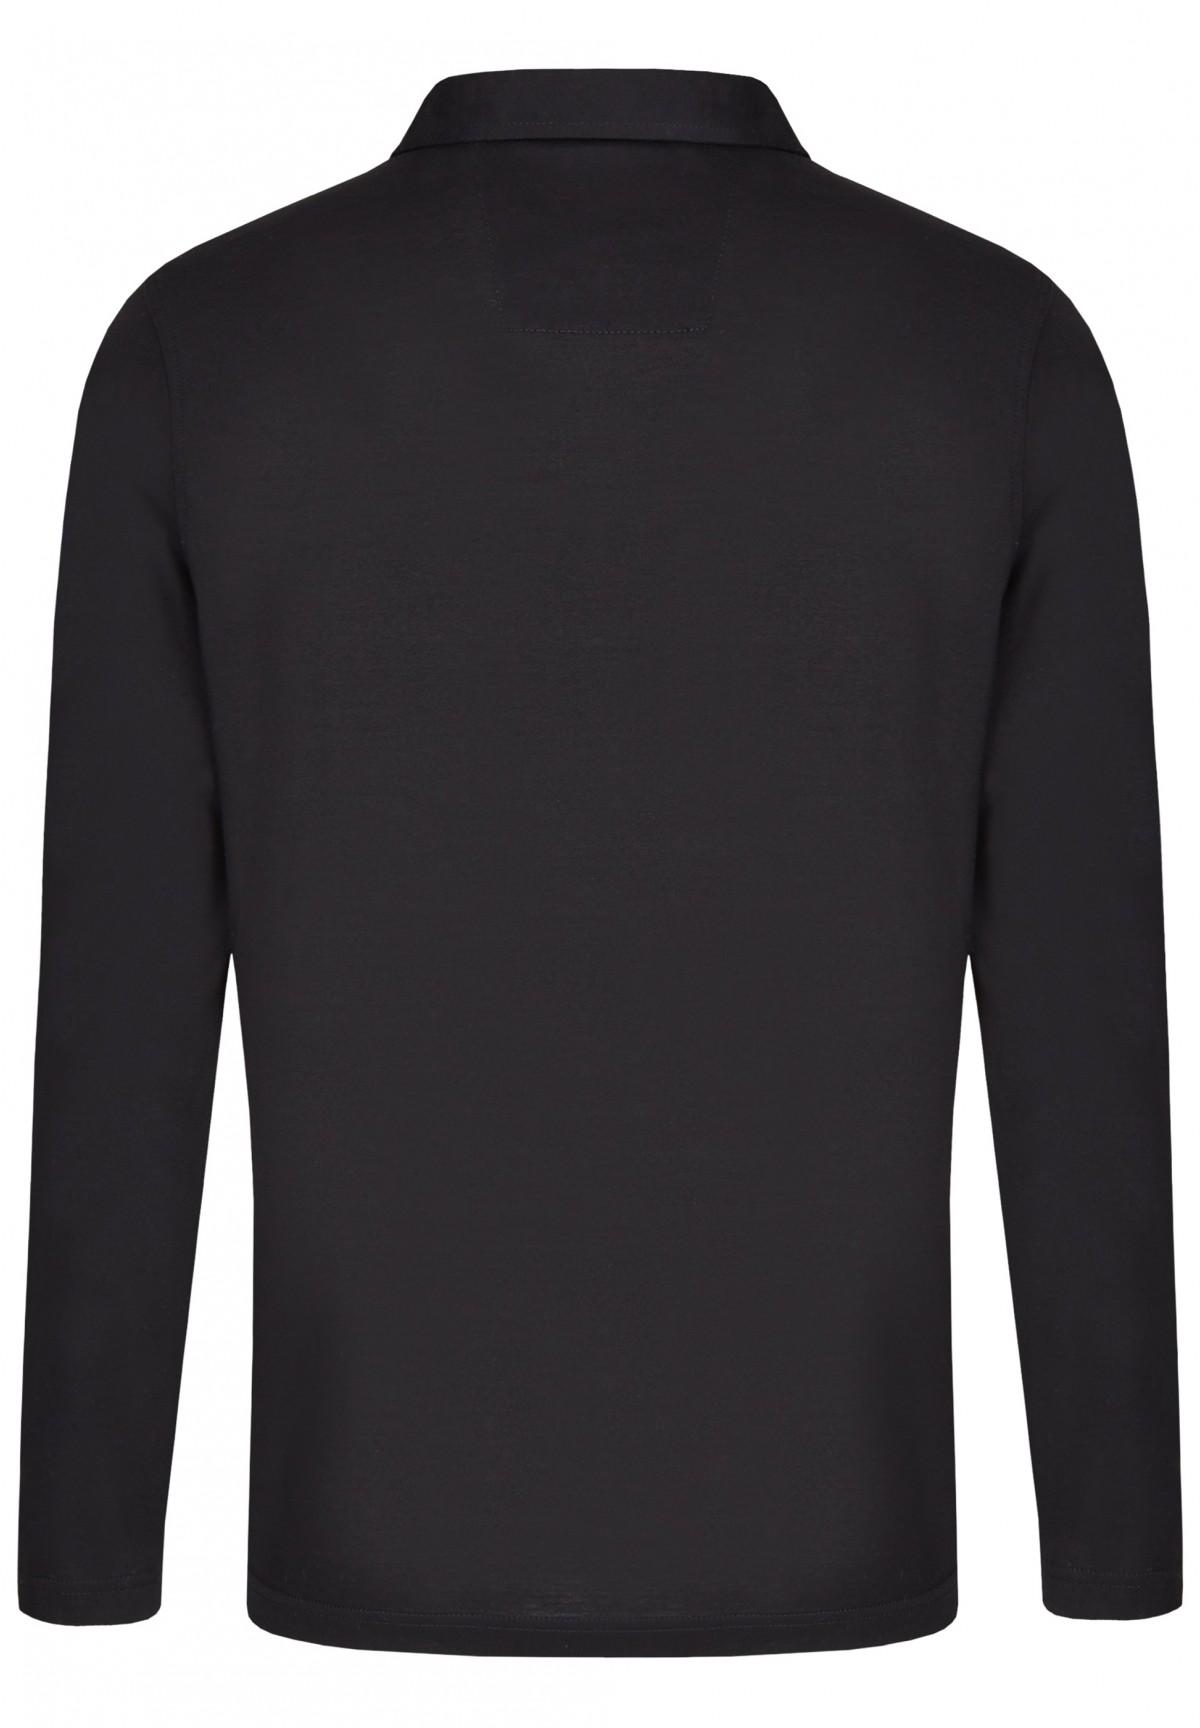 Elegantes Polo-Shirt / POLO LONGSLEEVE